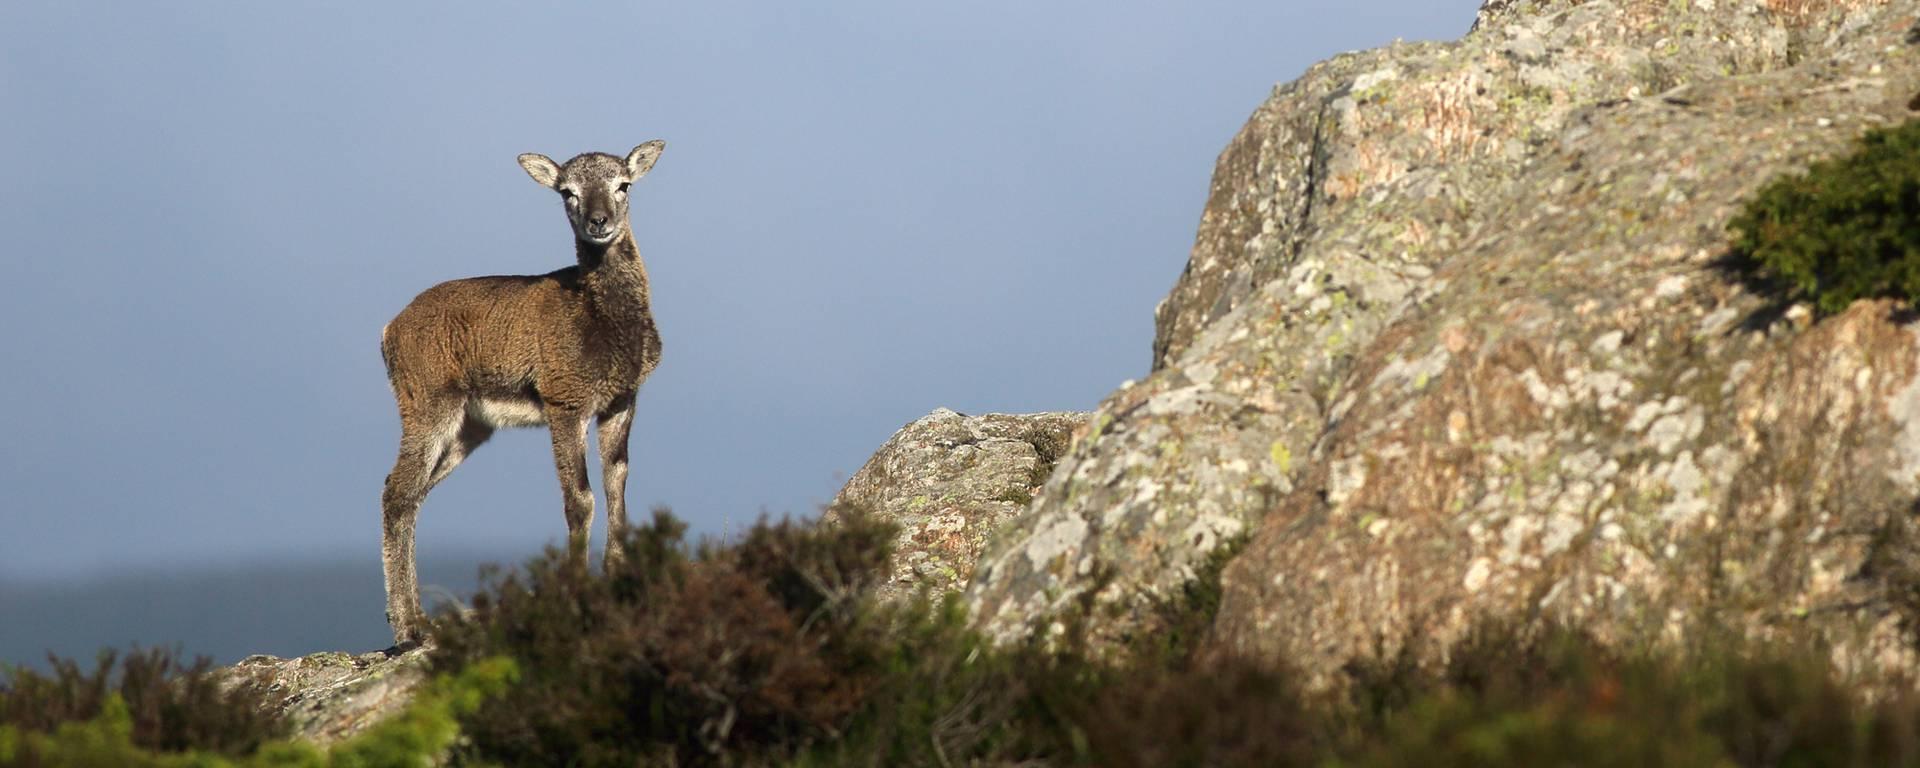 Mountain goat ©G.Souche-PaysHLV